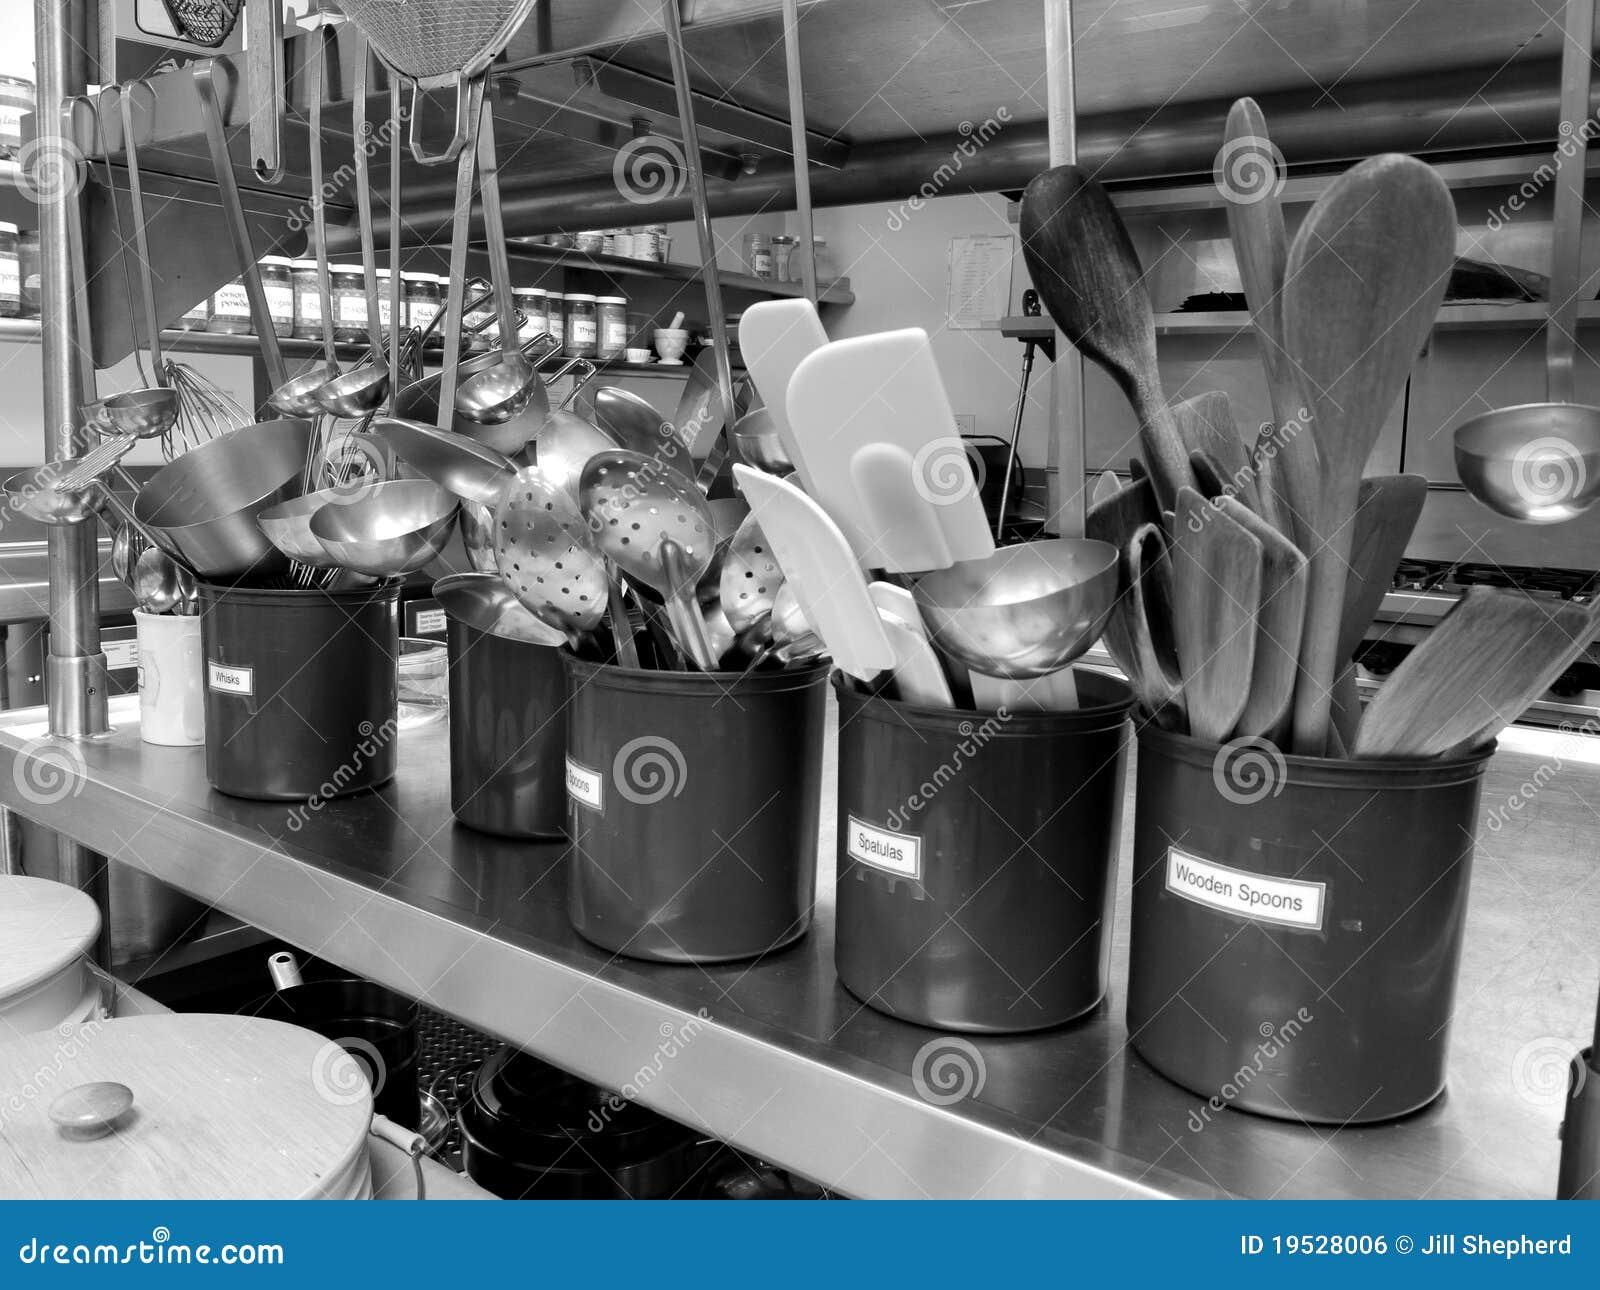 Commerciale utensili mulino elettrico per cereali for Utensili per cucina professionale